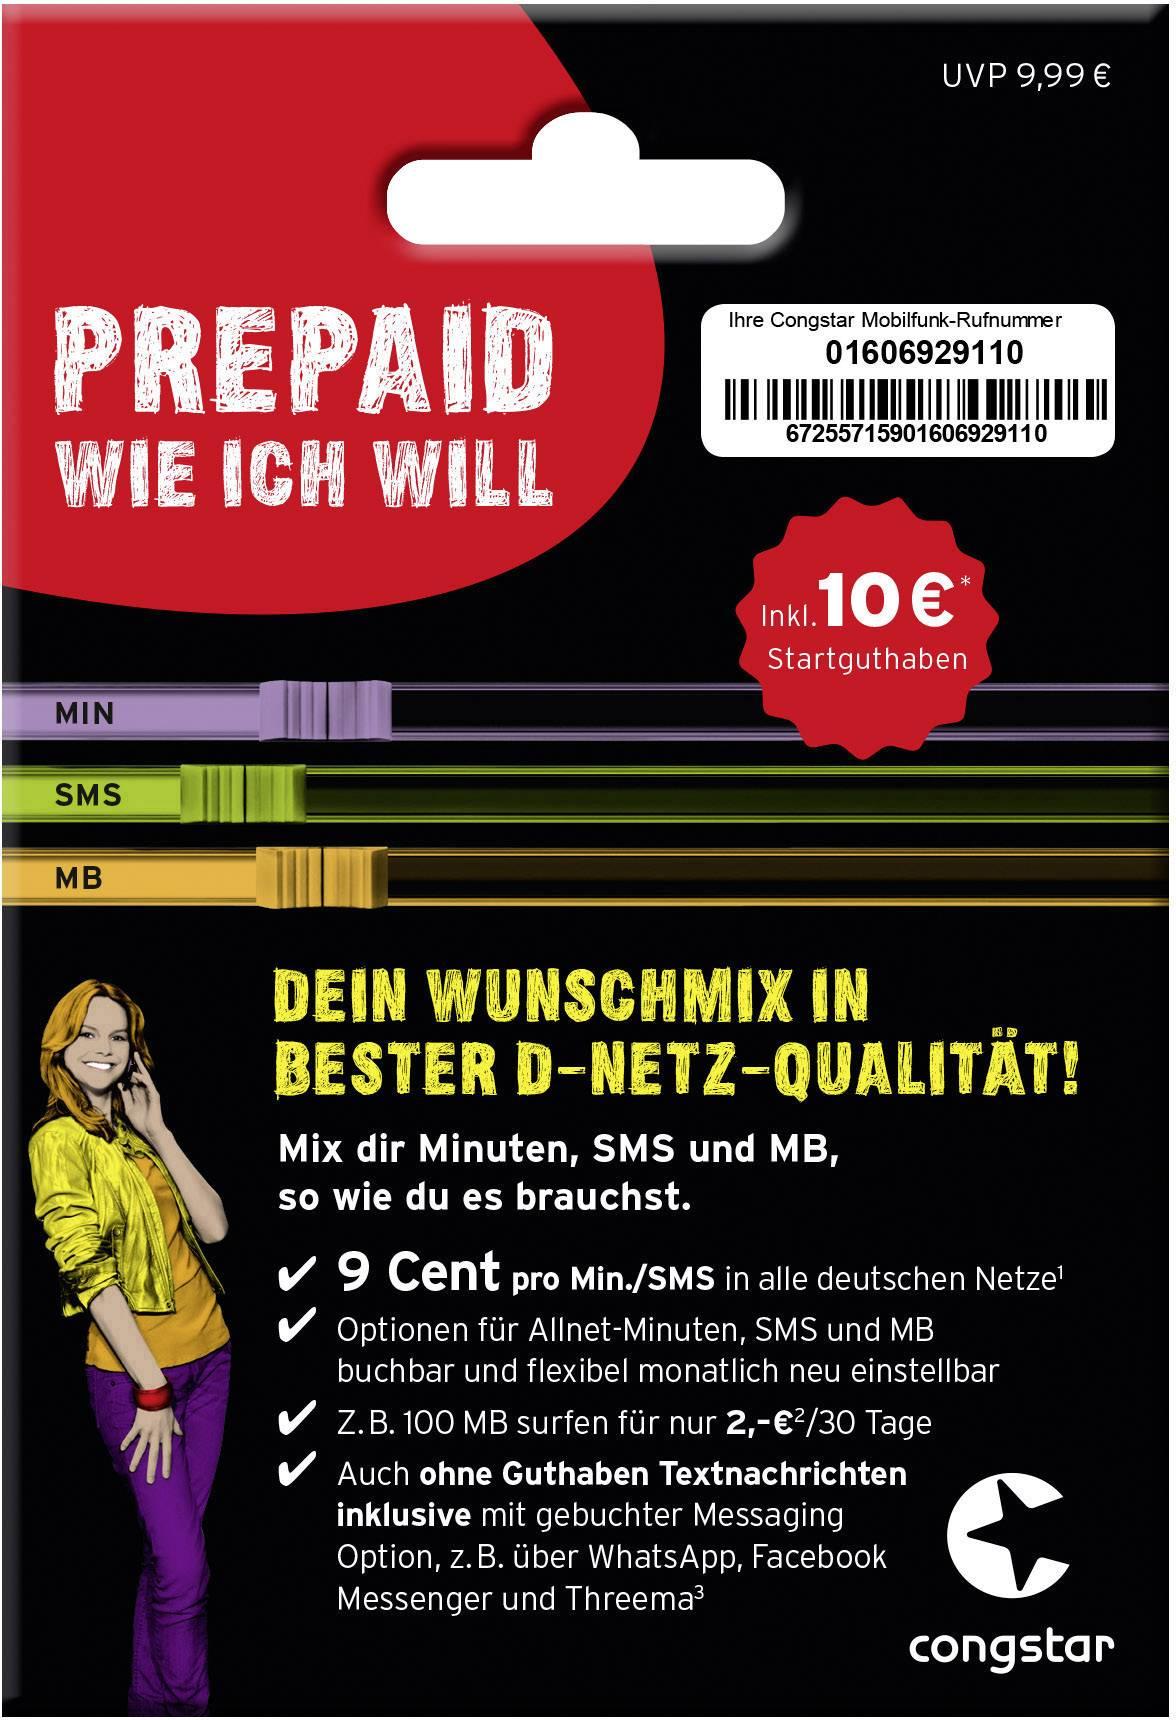 Prepaid Karte Kaufen.Congstar Starterpaket Wunsch Mix Prepaid Karte Ohne Vertragsbindung